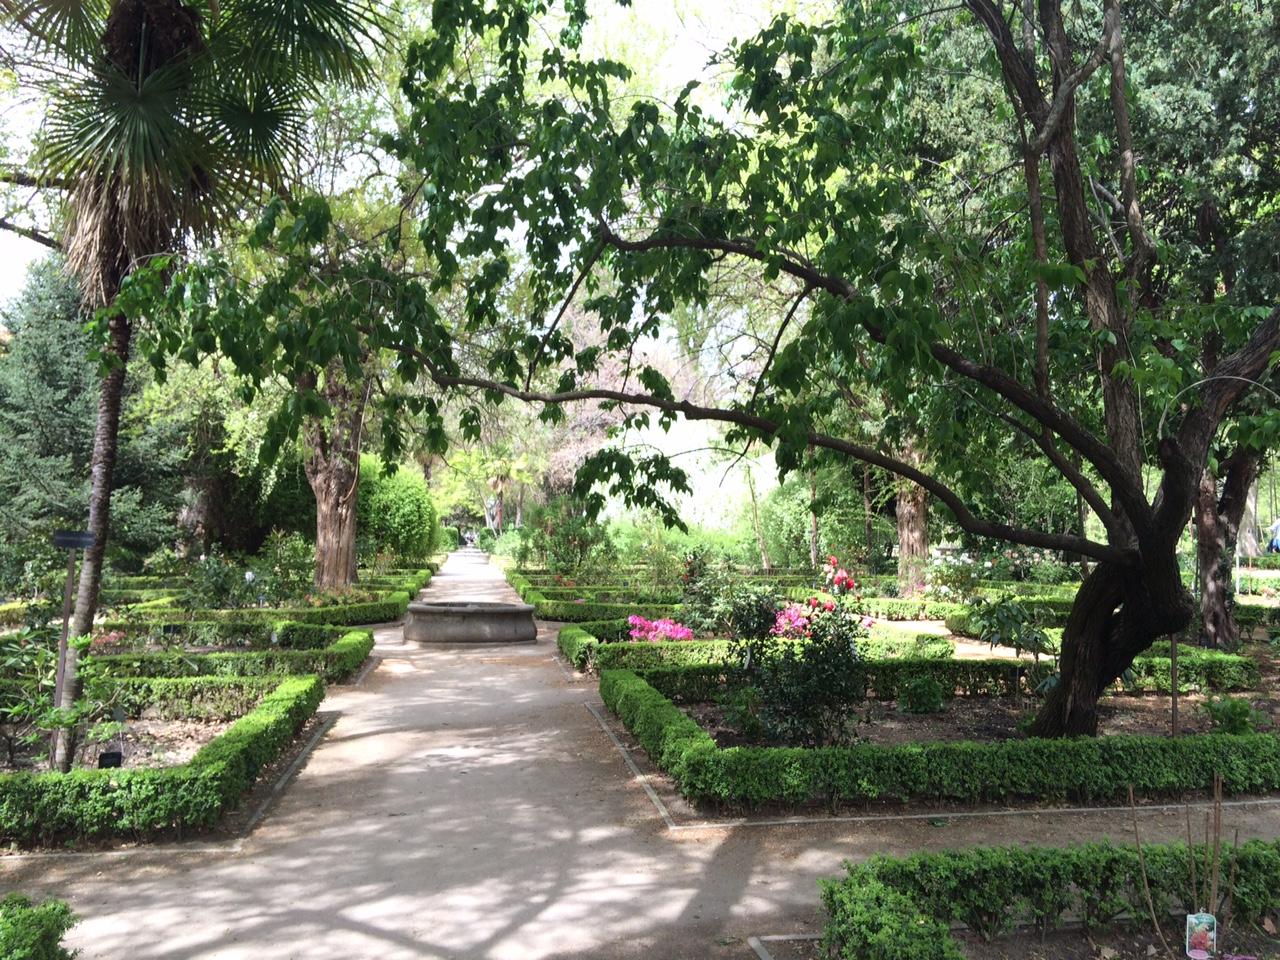 Jard n bot nico un espacio de calma y color en el centro for Centro de eventos jardin botanico